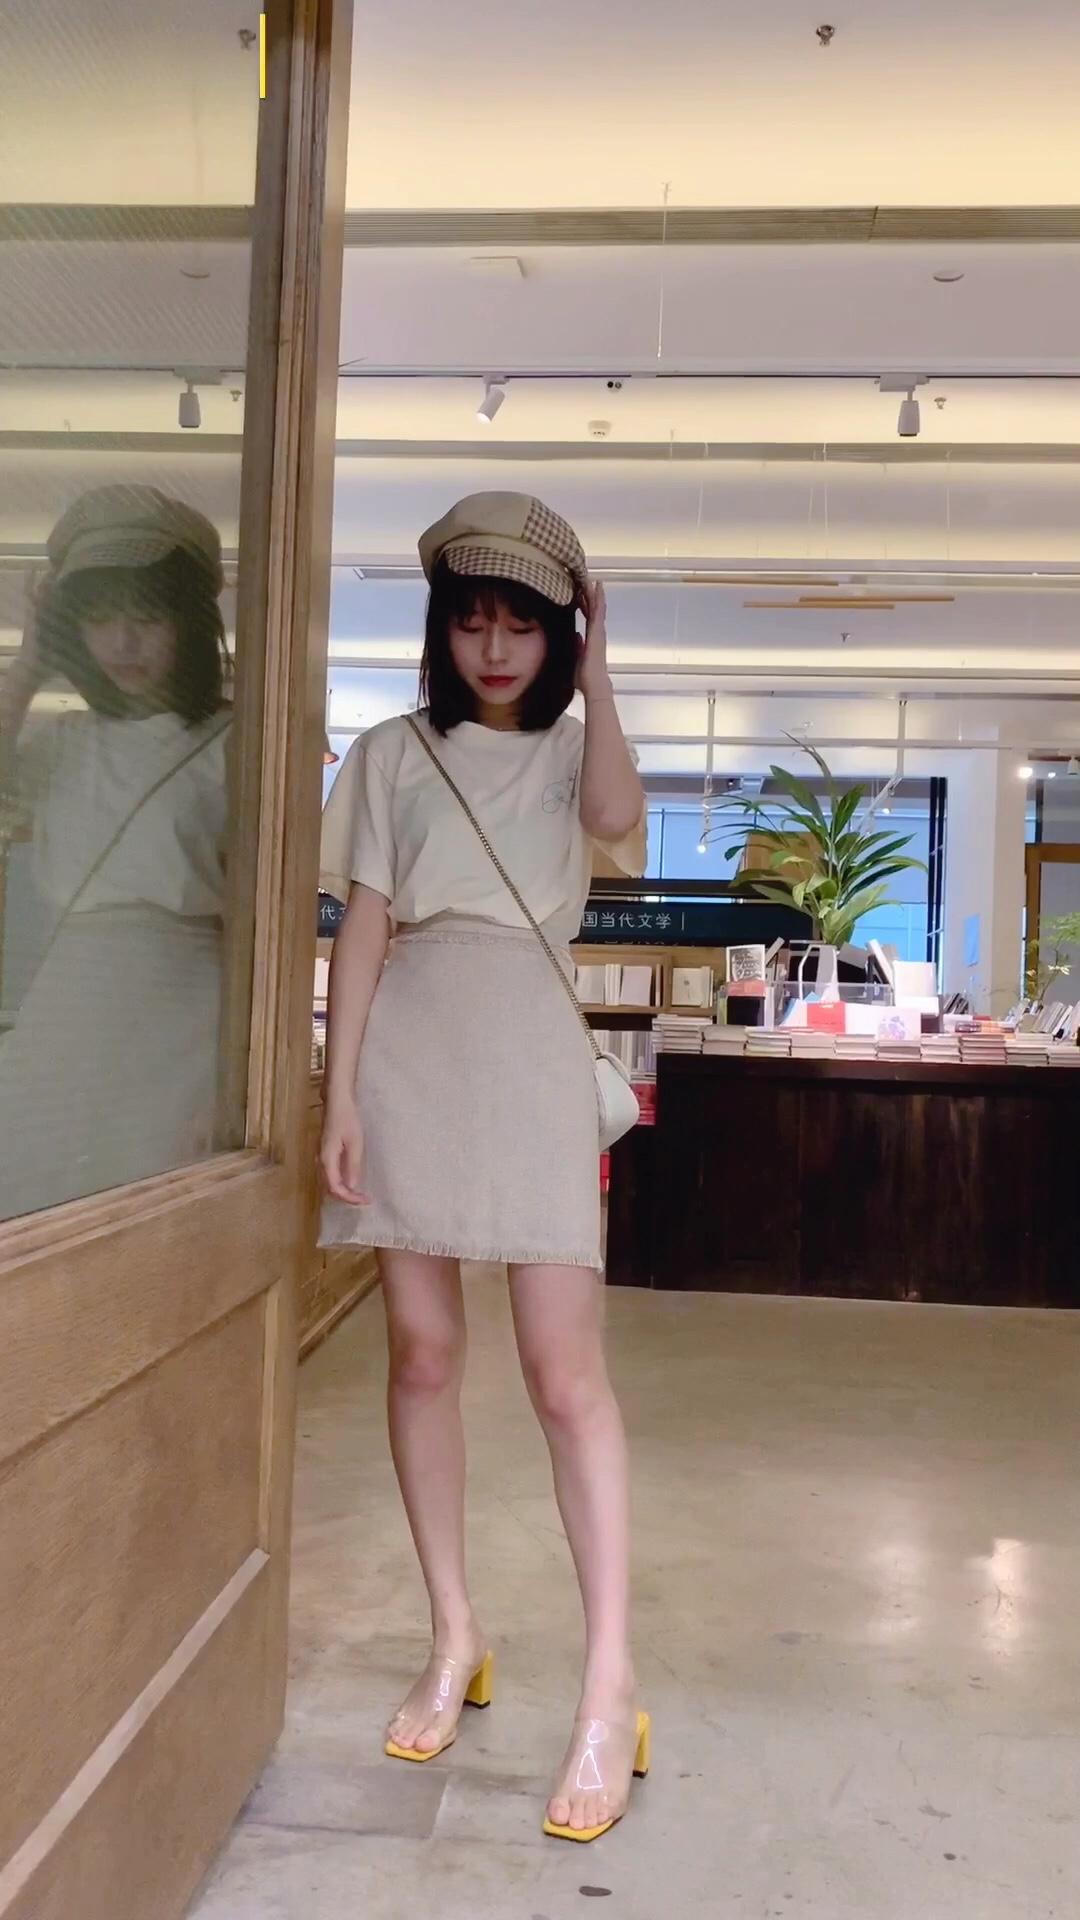 #拼身材秀清凉,瘦了一定这么穿!# T恤➕小香风半身裙➕透明凉鞋➕贝雷帽 小个子这么穿显高又显瘦! 高腰的搭配拉长腿型~ 透明的凉鞋简直是心机满满呀!